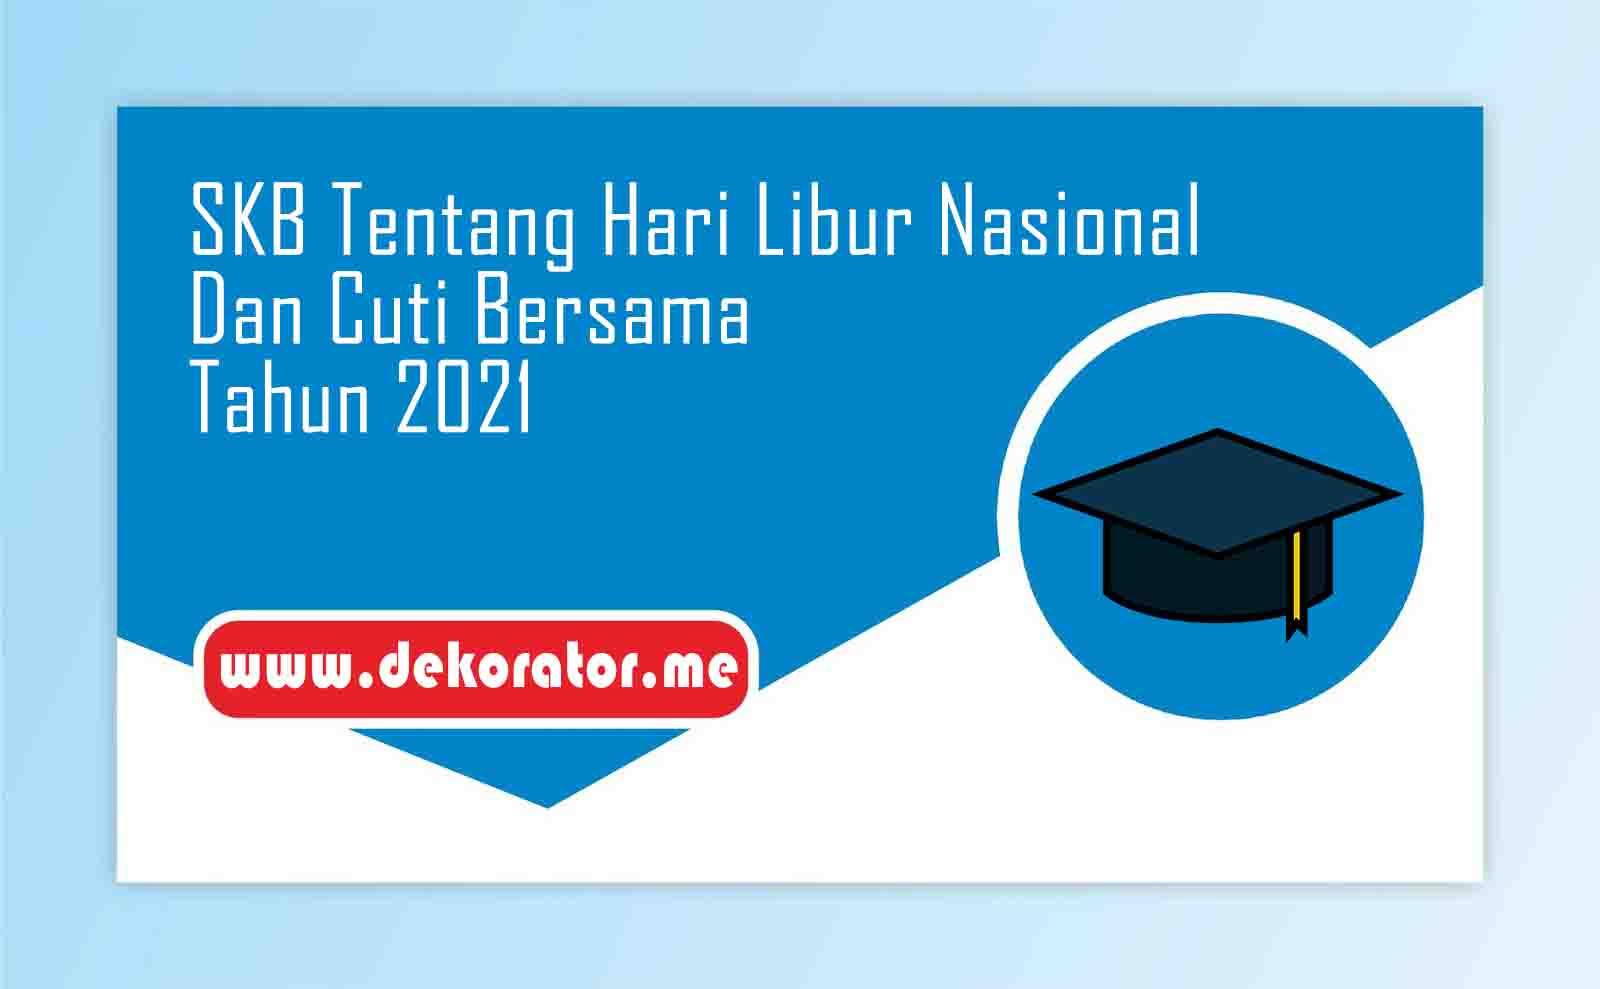 SKB Tentang Hari Libur Nasional Dan Cuti Bersama Tahun 2021